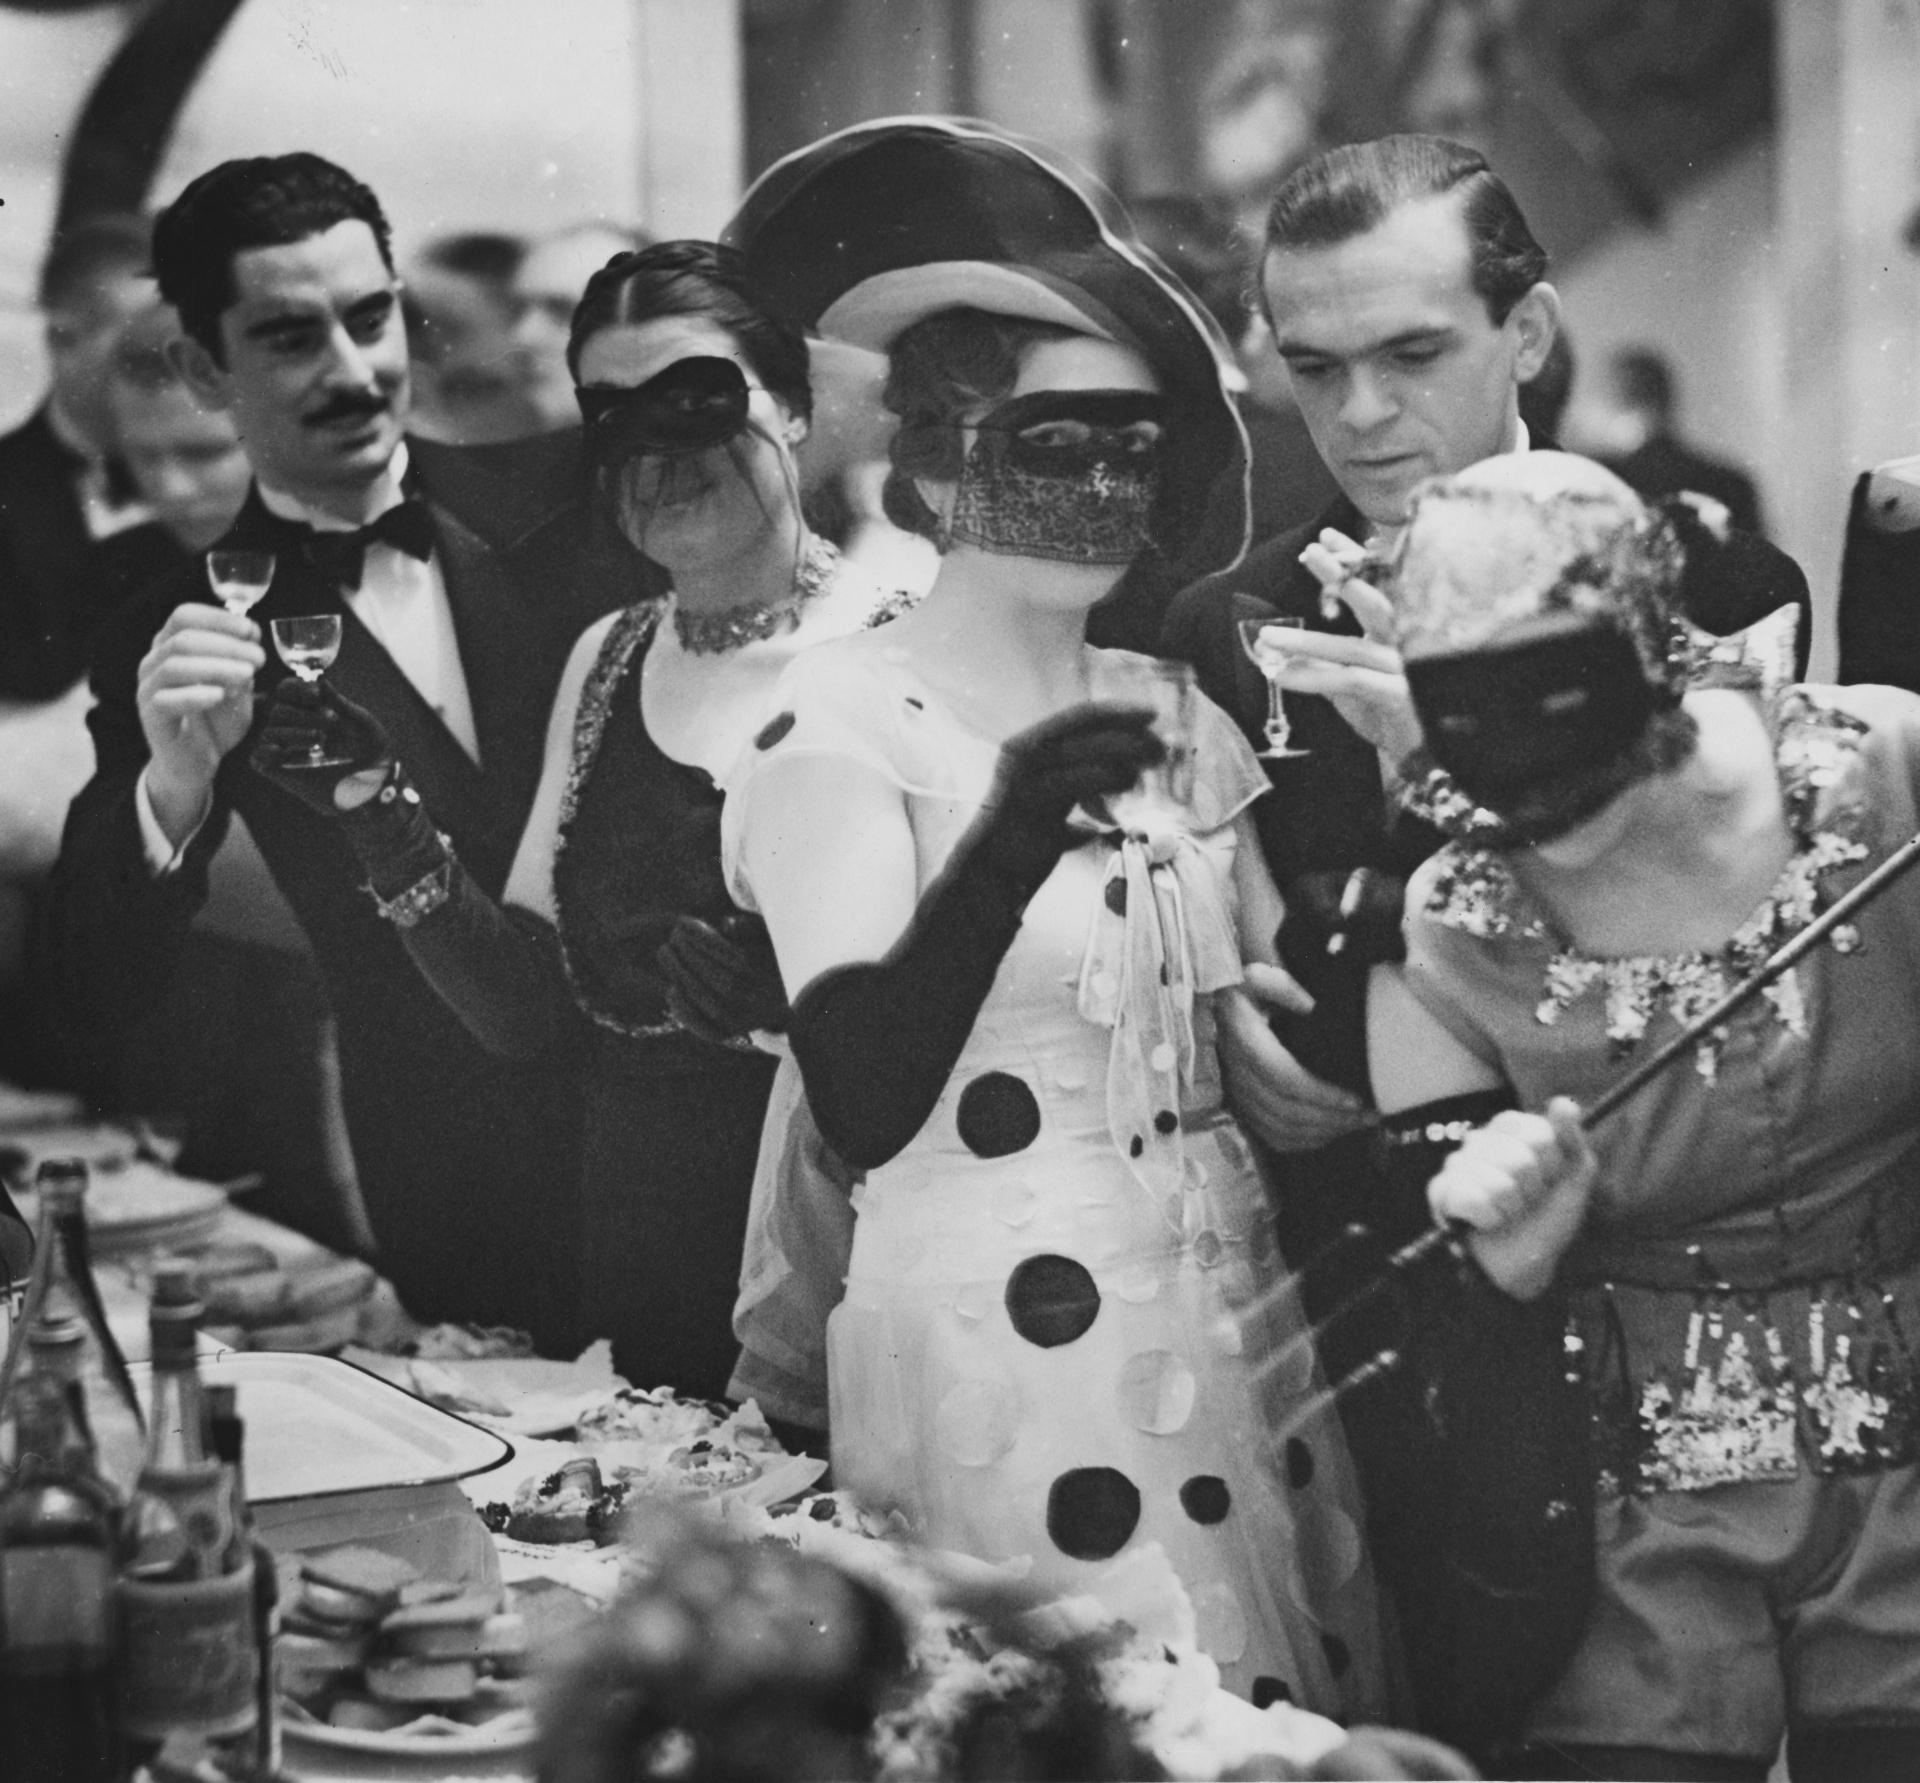 Bal w Akademii Sztuk Pięknych, 11 stycznia 1936 (fot. NAC / źródło: materiały prasowe organizatora)